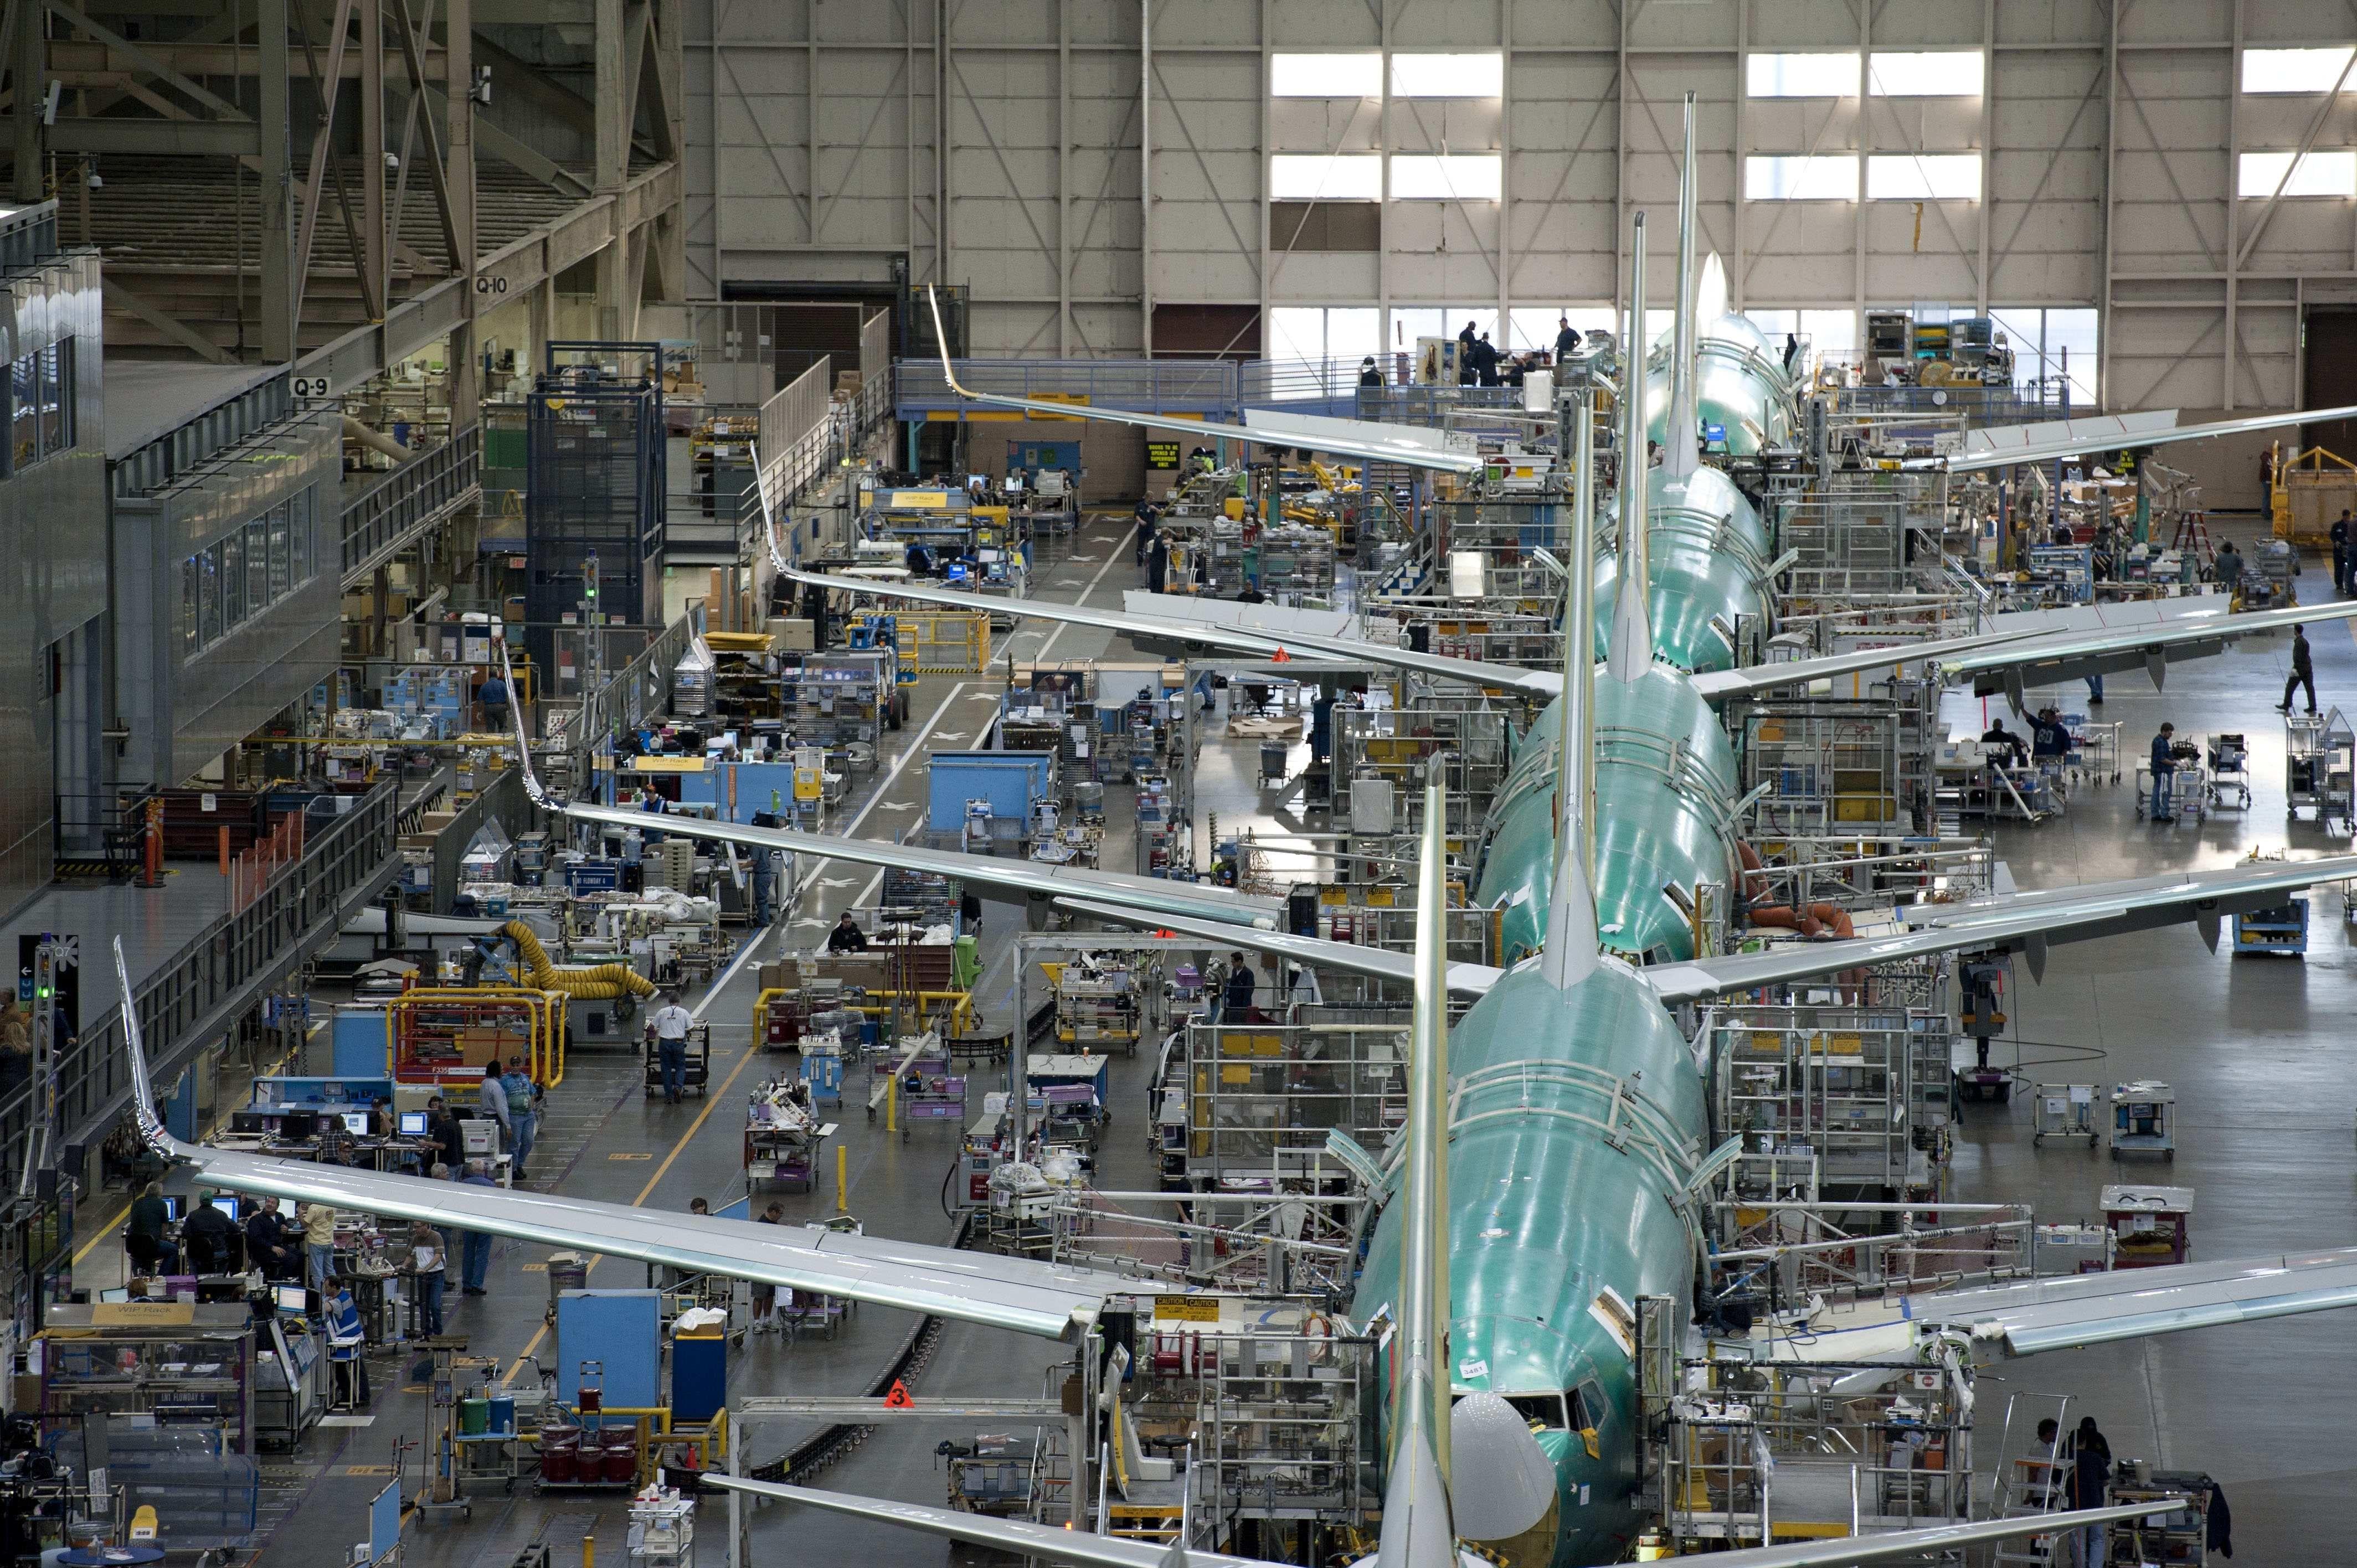 Resultado de imagen para assembly line Boeing 737